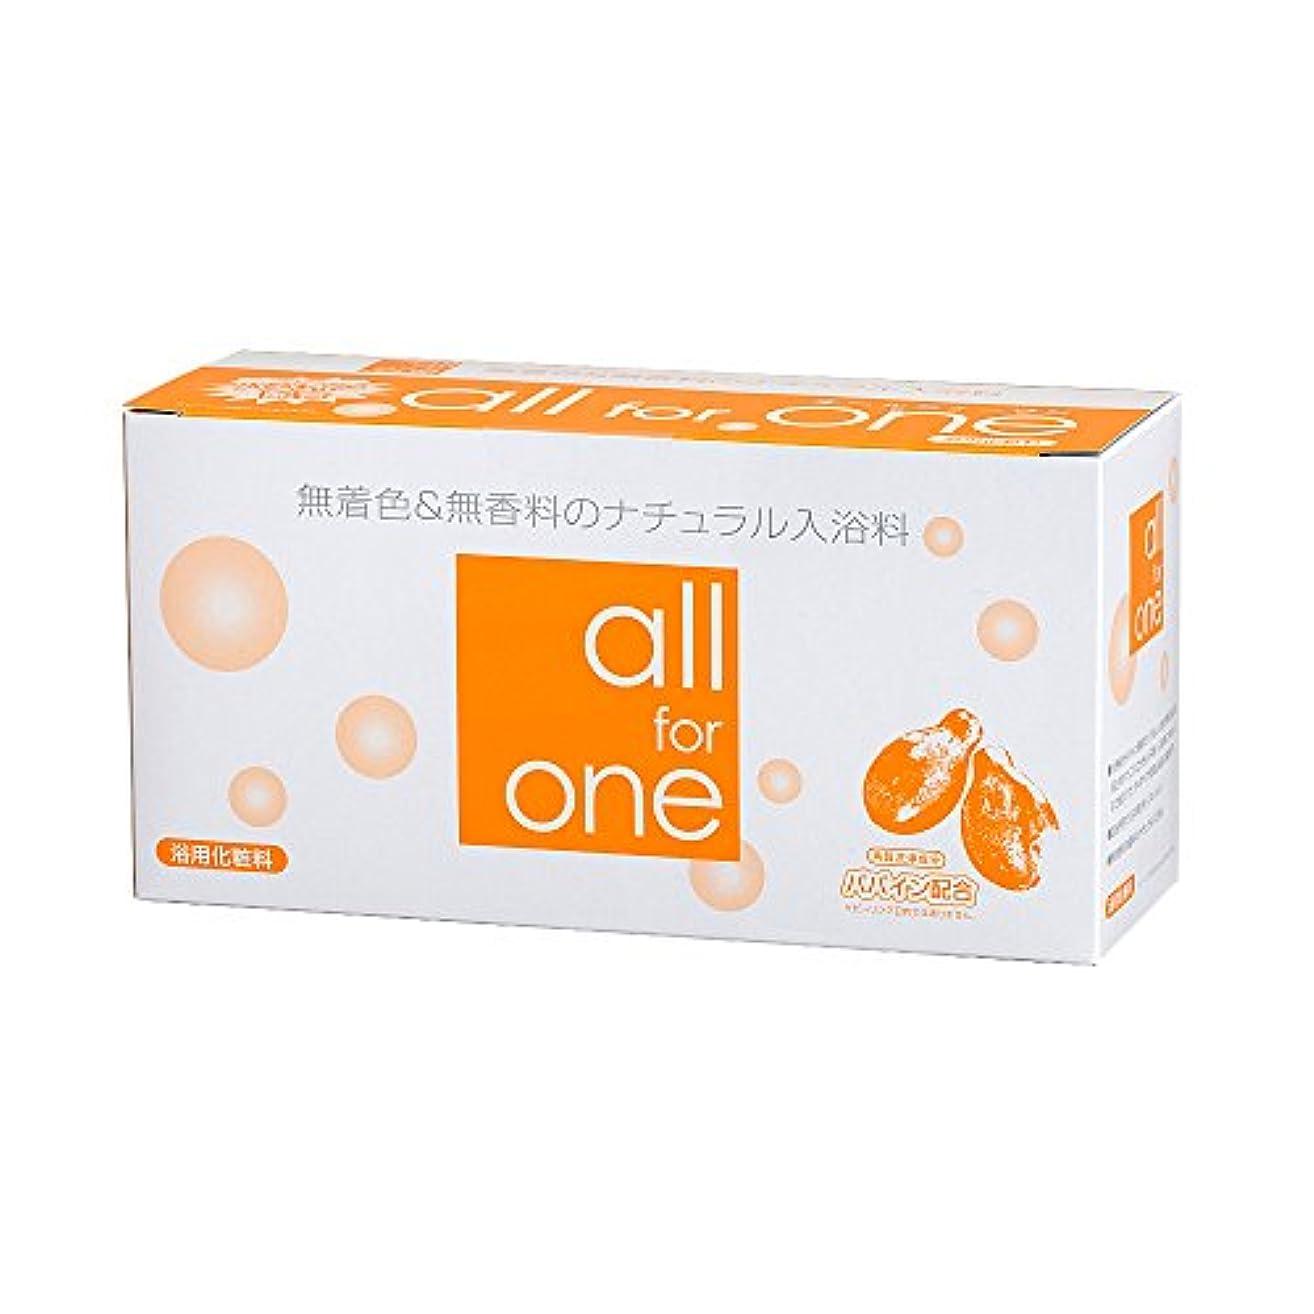 ピアノスプーンとんでもないパパイン酵素配合 無着色&無香料 ナチュラル入浴剤 all for one 30包